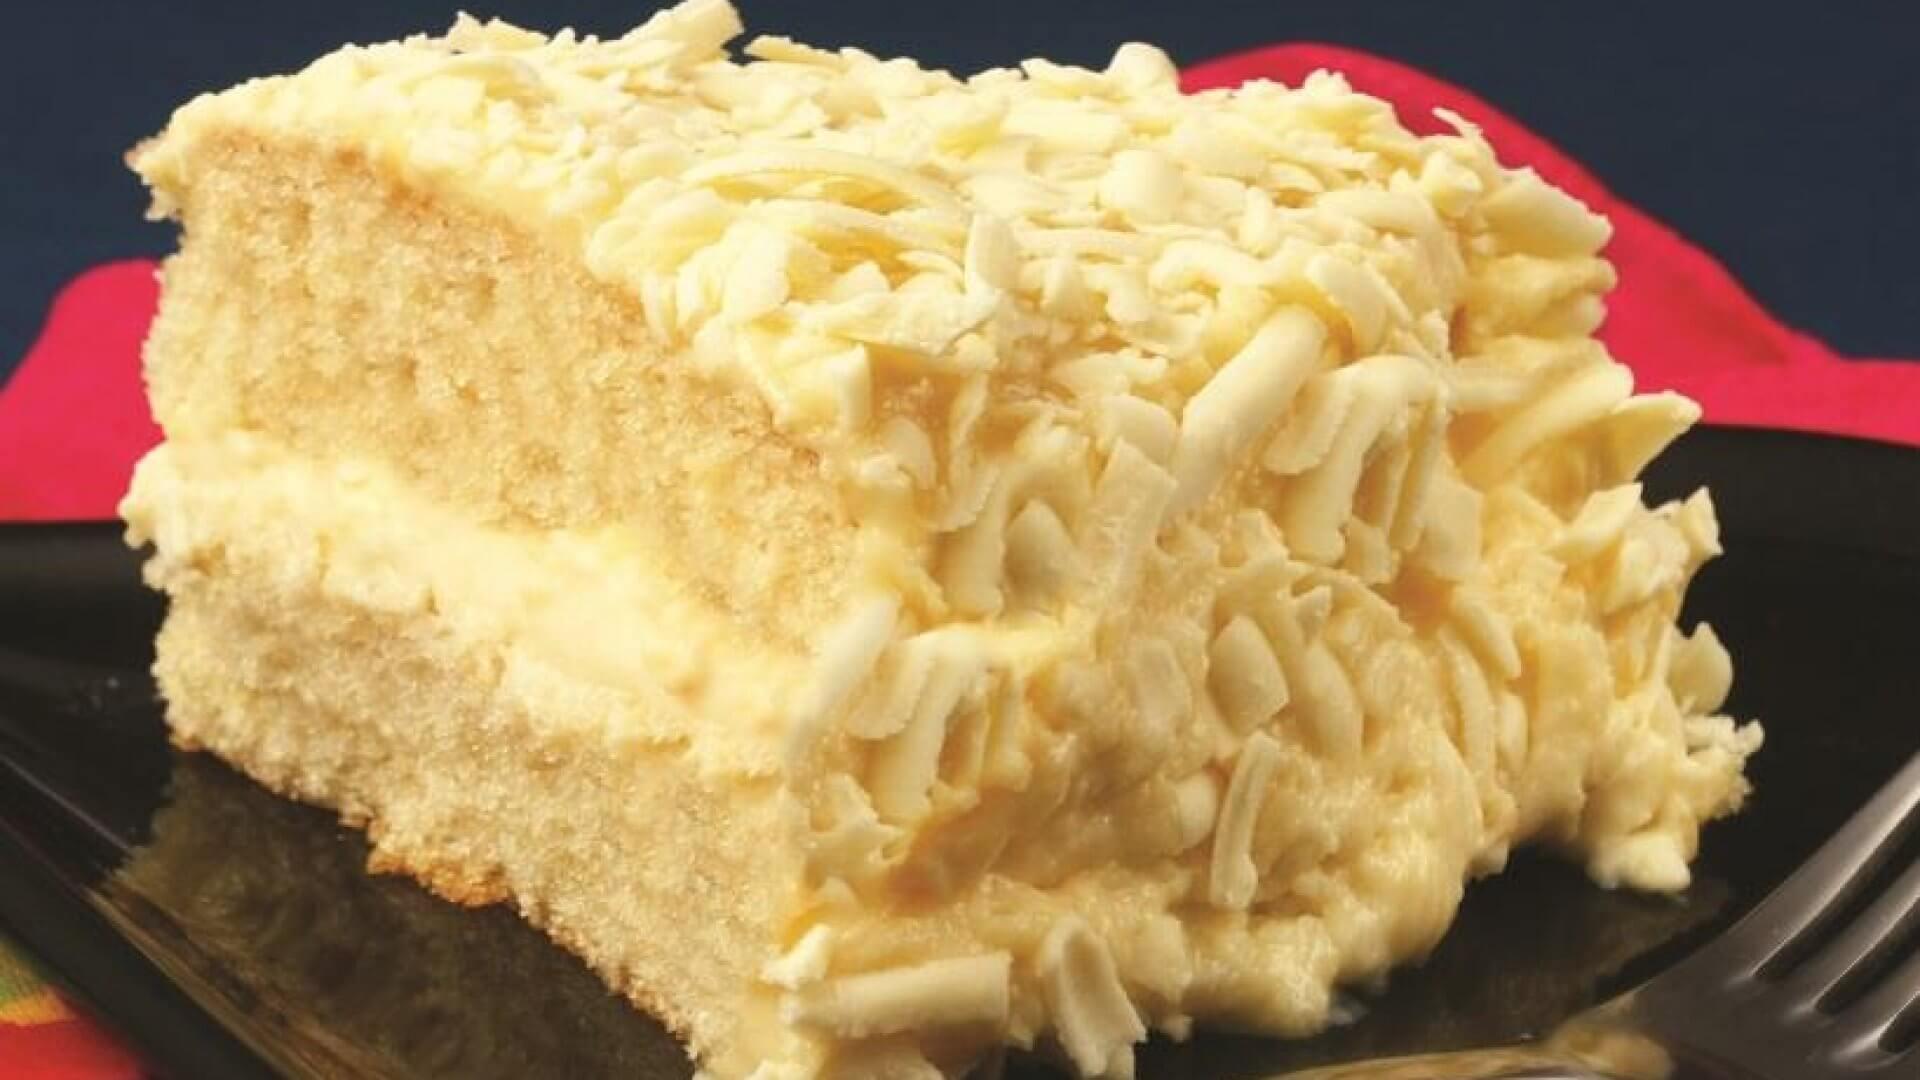 Recheios para bolo: aprenda a fazer os 10 melhores recheios e se divirta!